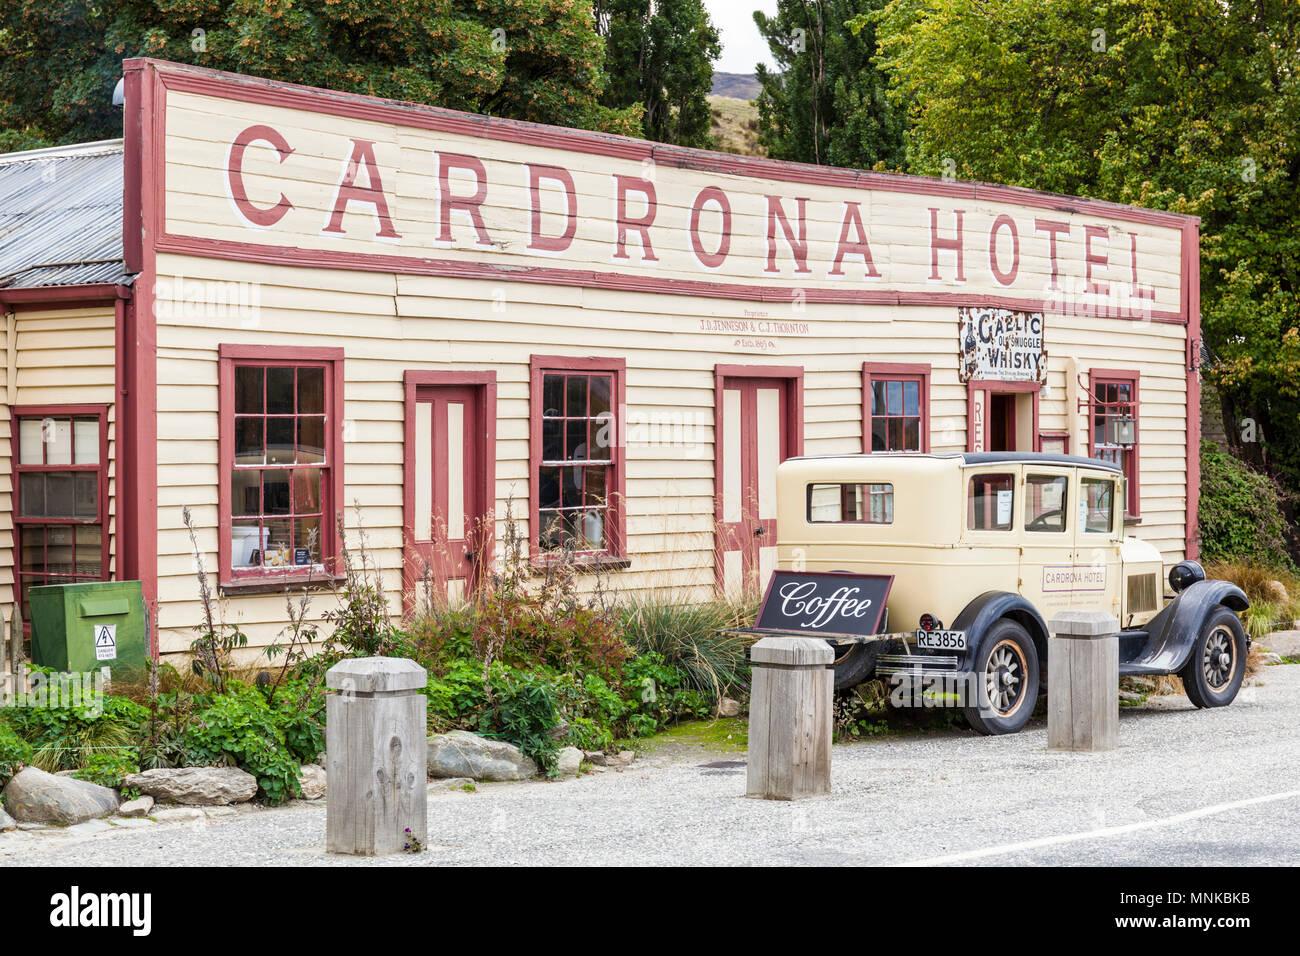 Nuova Zelanda cardrona hotel situato in una ex goldrush città Crown Range road cardrona'Isola Sud della Nuova Zelanda Foto Stock